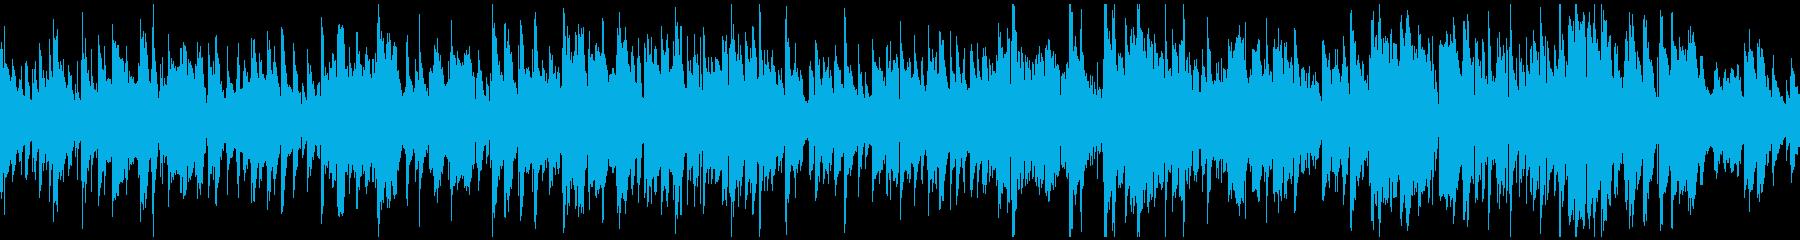 ジャズ、大人、程よいテンポ ※ループ版の再生済みの波形